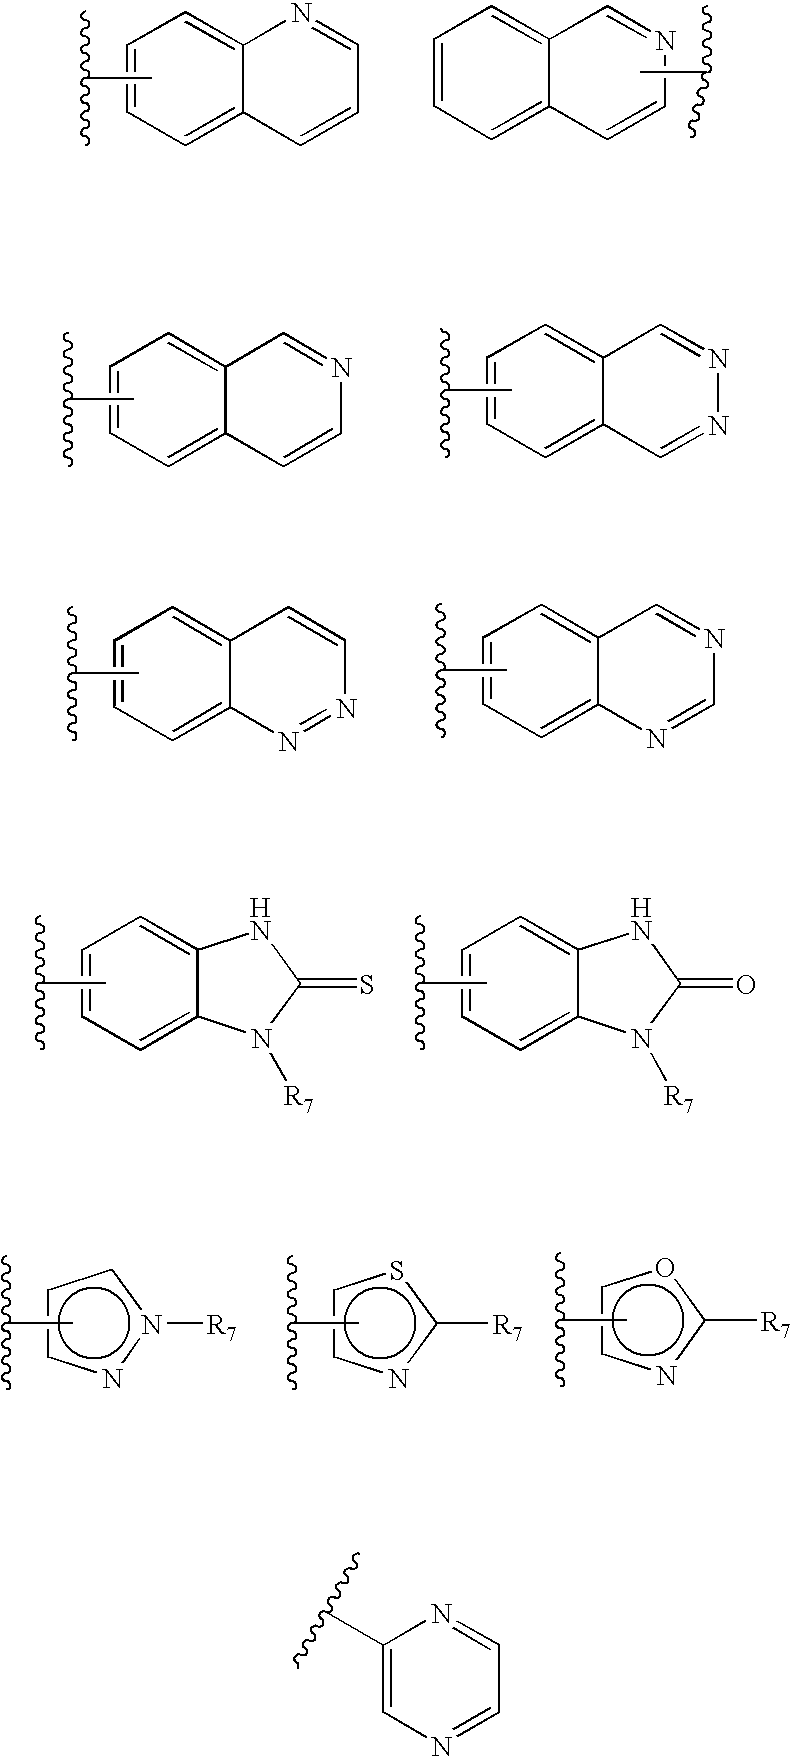 Figure US20060189617A1-20060824-C00052